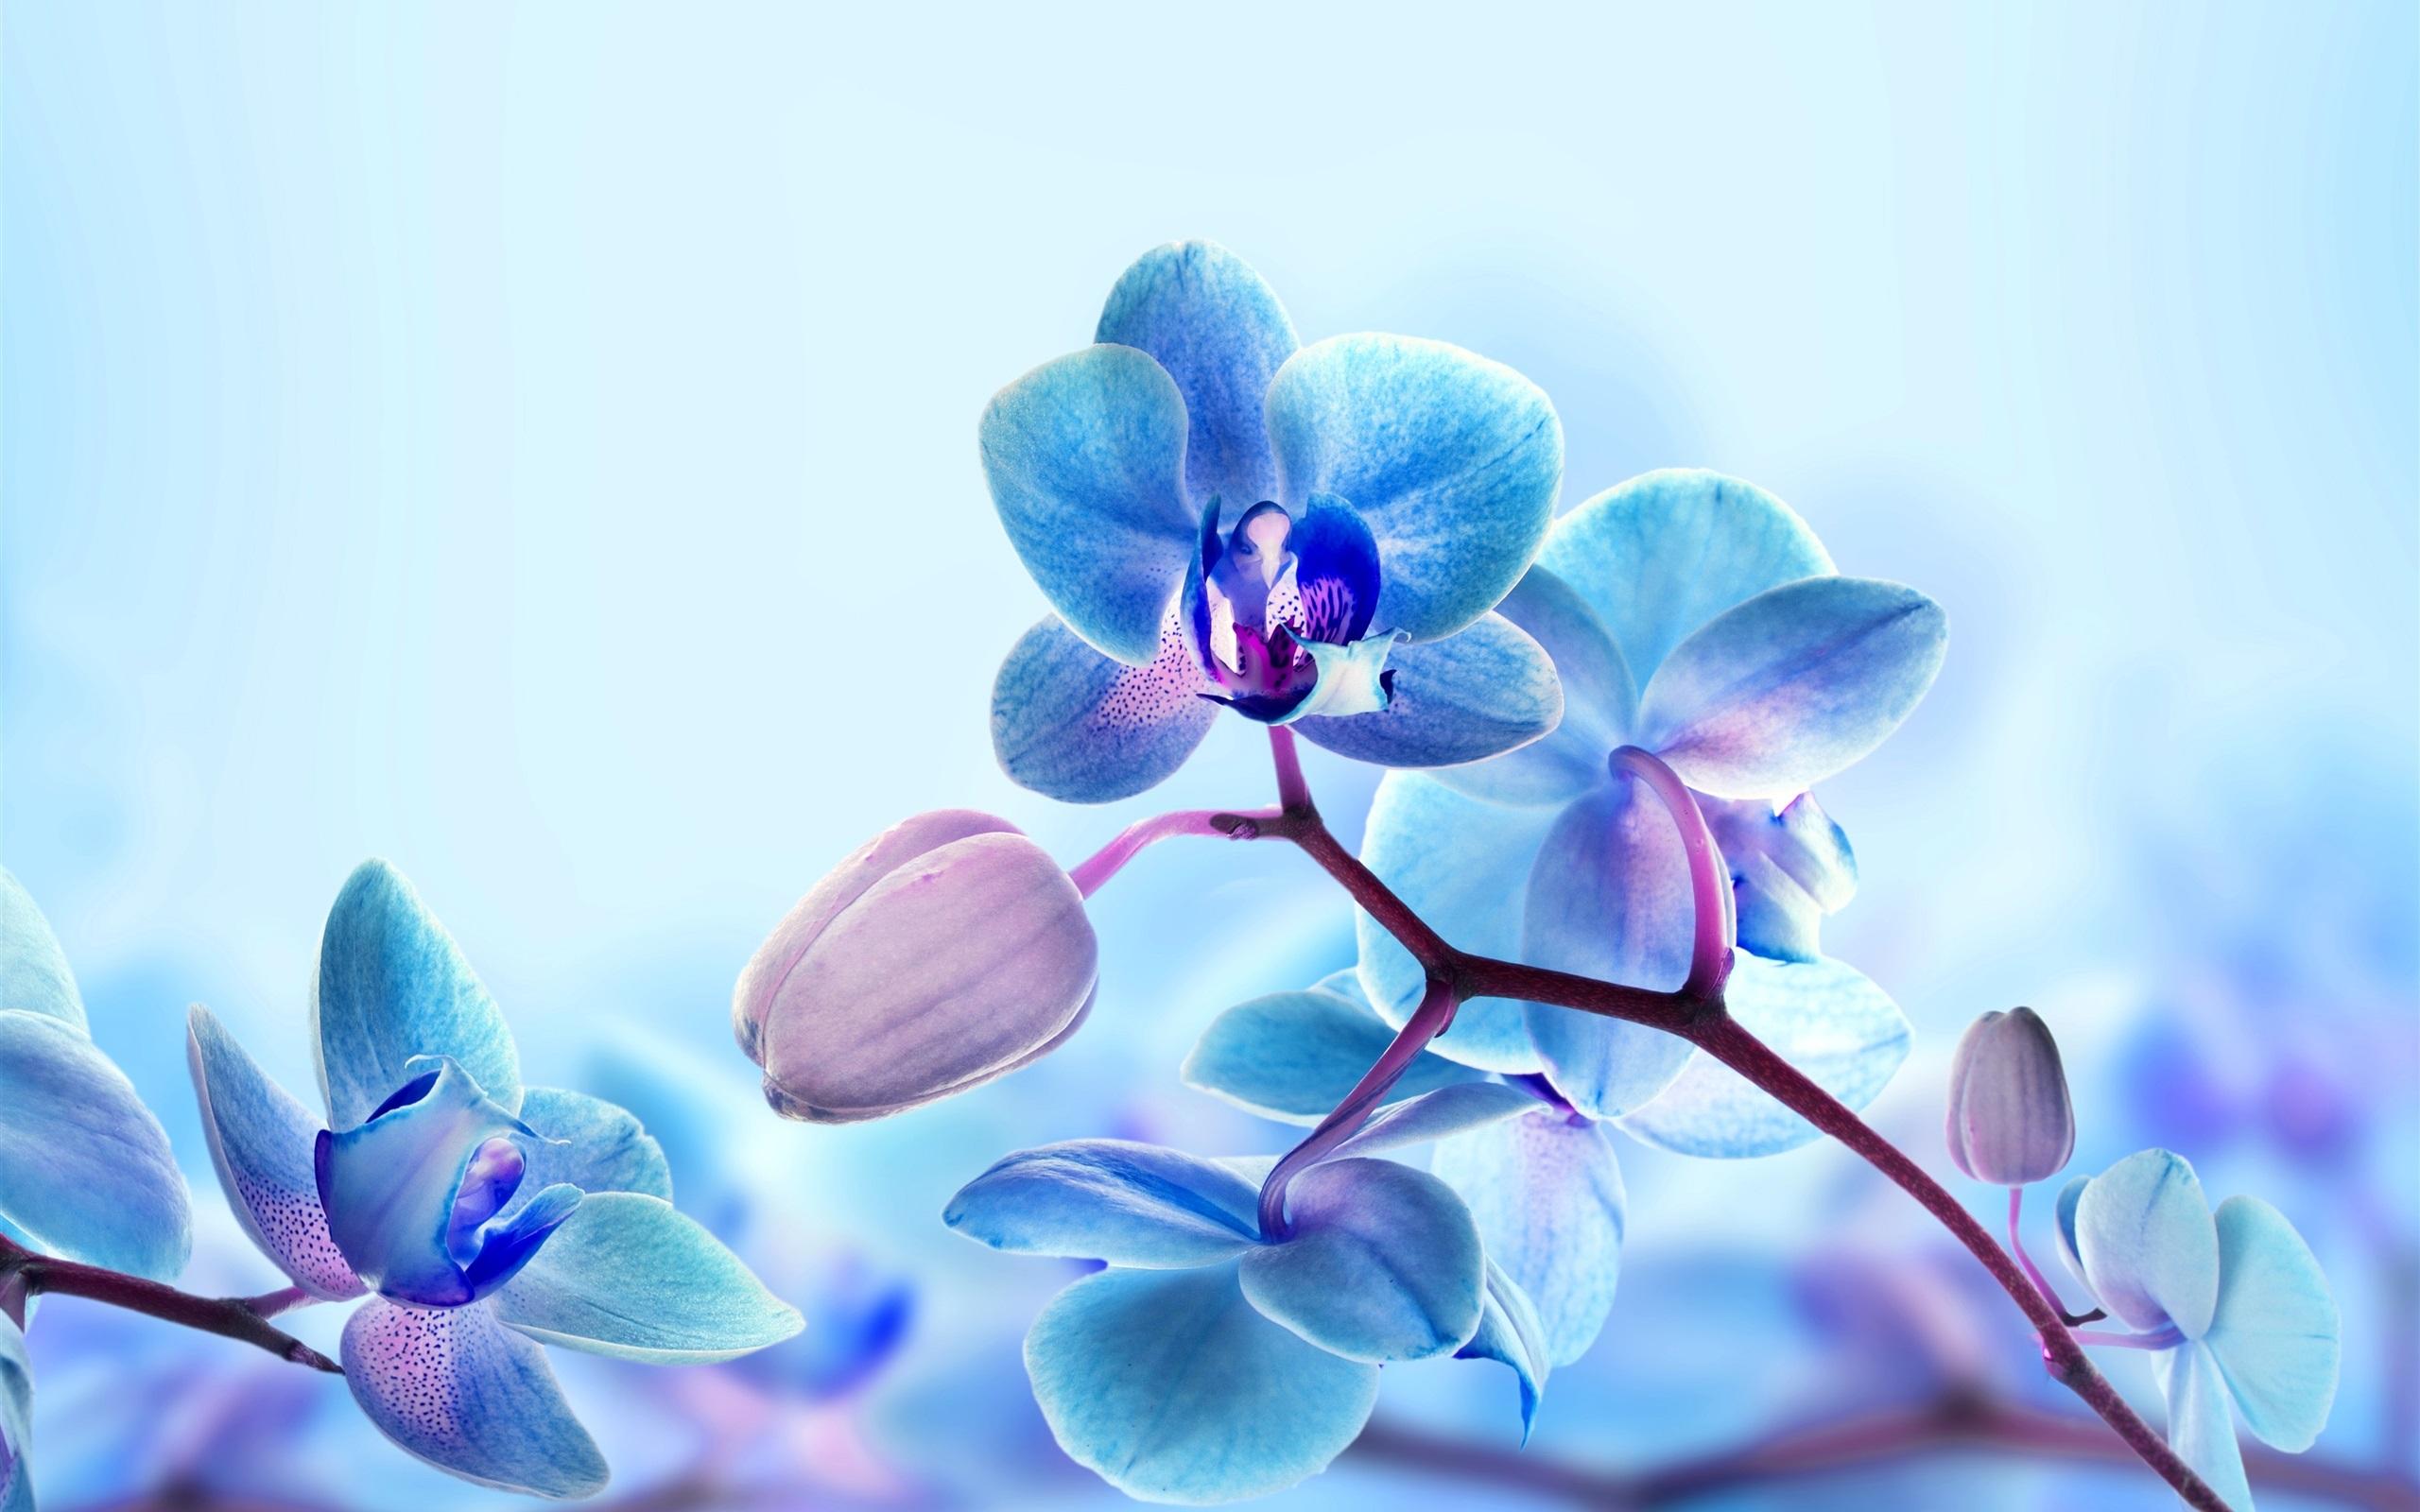 Fonds D Ecran Fleurs D Orchidee Petales De Couleur Bleue